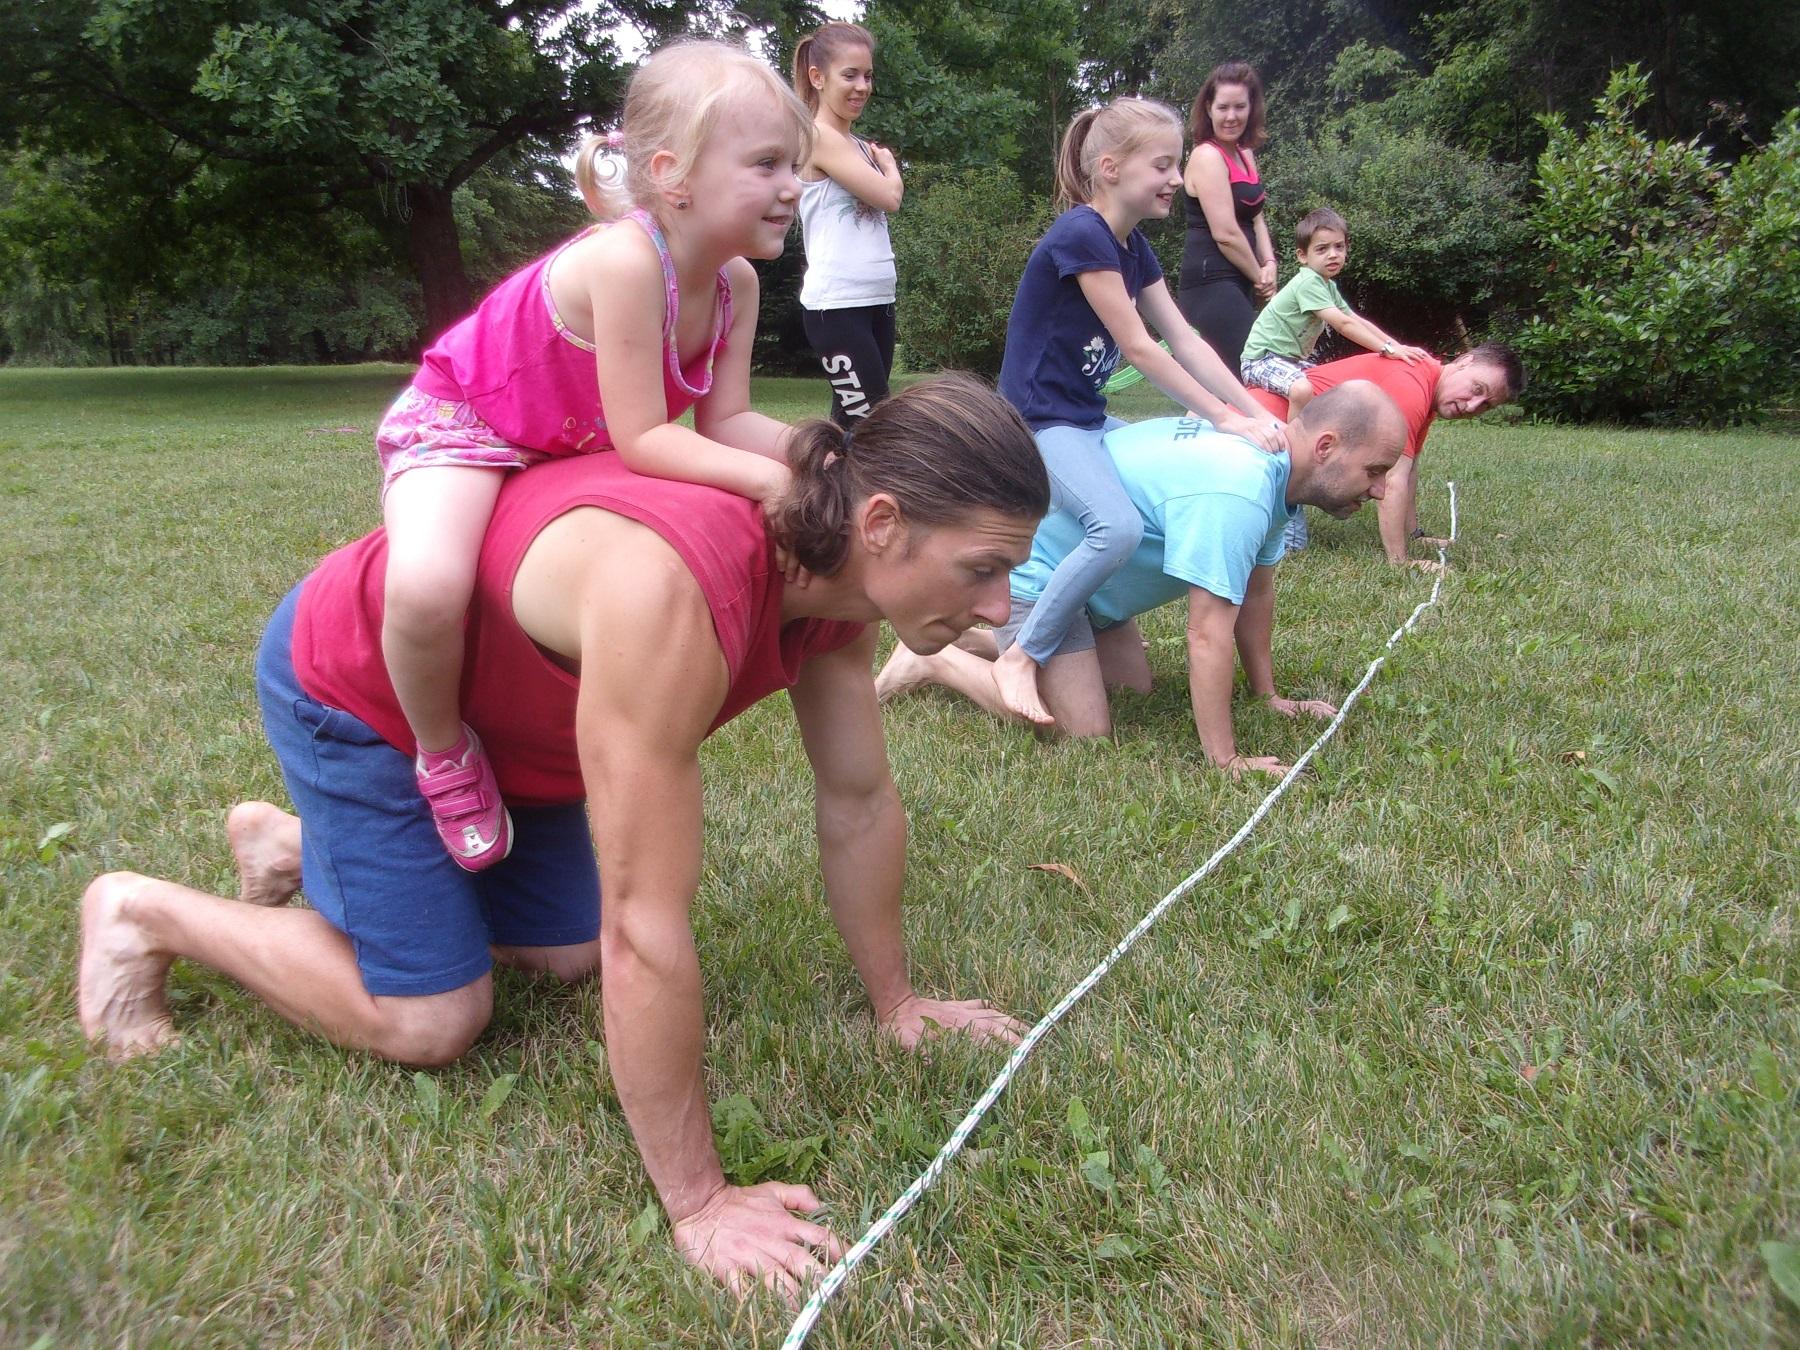 Családi edzés - Egyedi sportélmény, ahol az egész család résztvesz az edzésen.- Alapja a MovNat módszer- Újfajta személyes kapcsolódás- Sok vidámság- 1-2 óra- 1 vagy 2 szülő, 1-4 gyerek